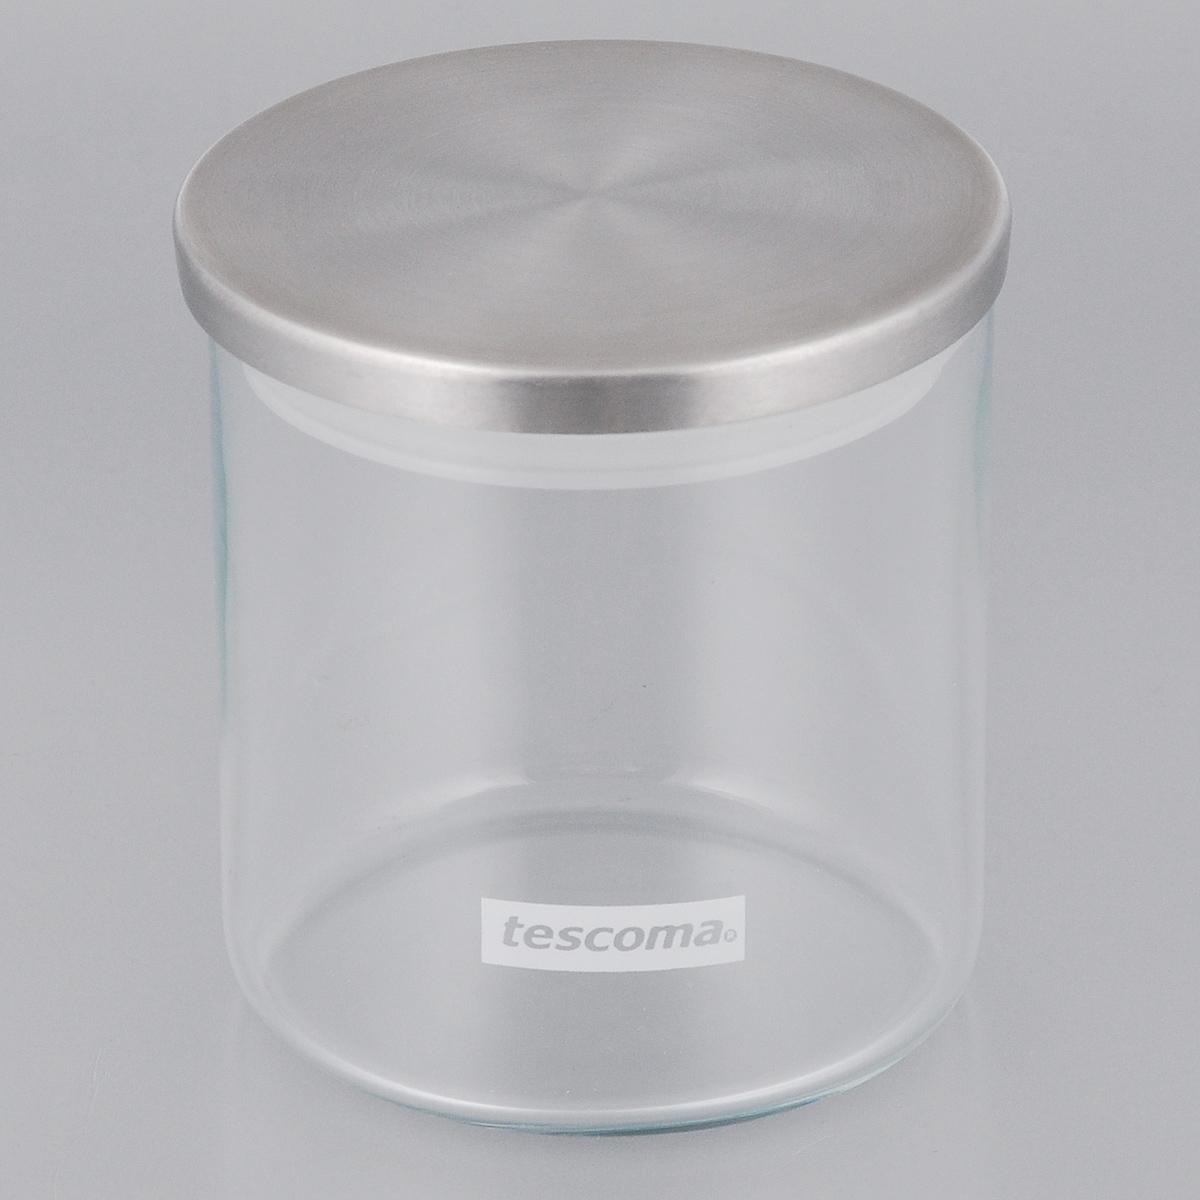 Емкость для специй Tescoma Monti, цвет: прозрачный, металлик, 0,5 л емкость для специй tescoma monti цвет прозрачный металлик 0 5 л